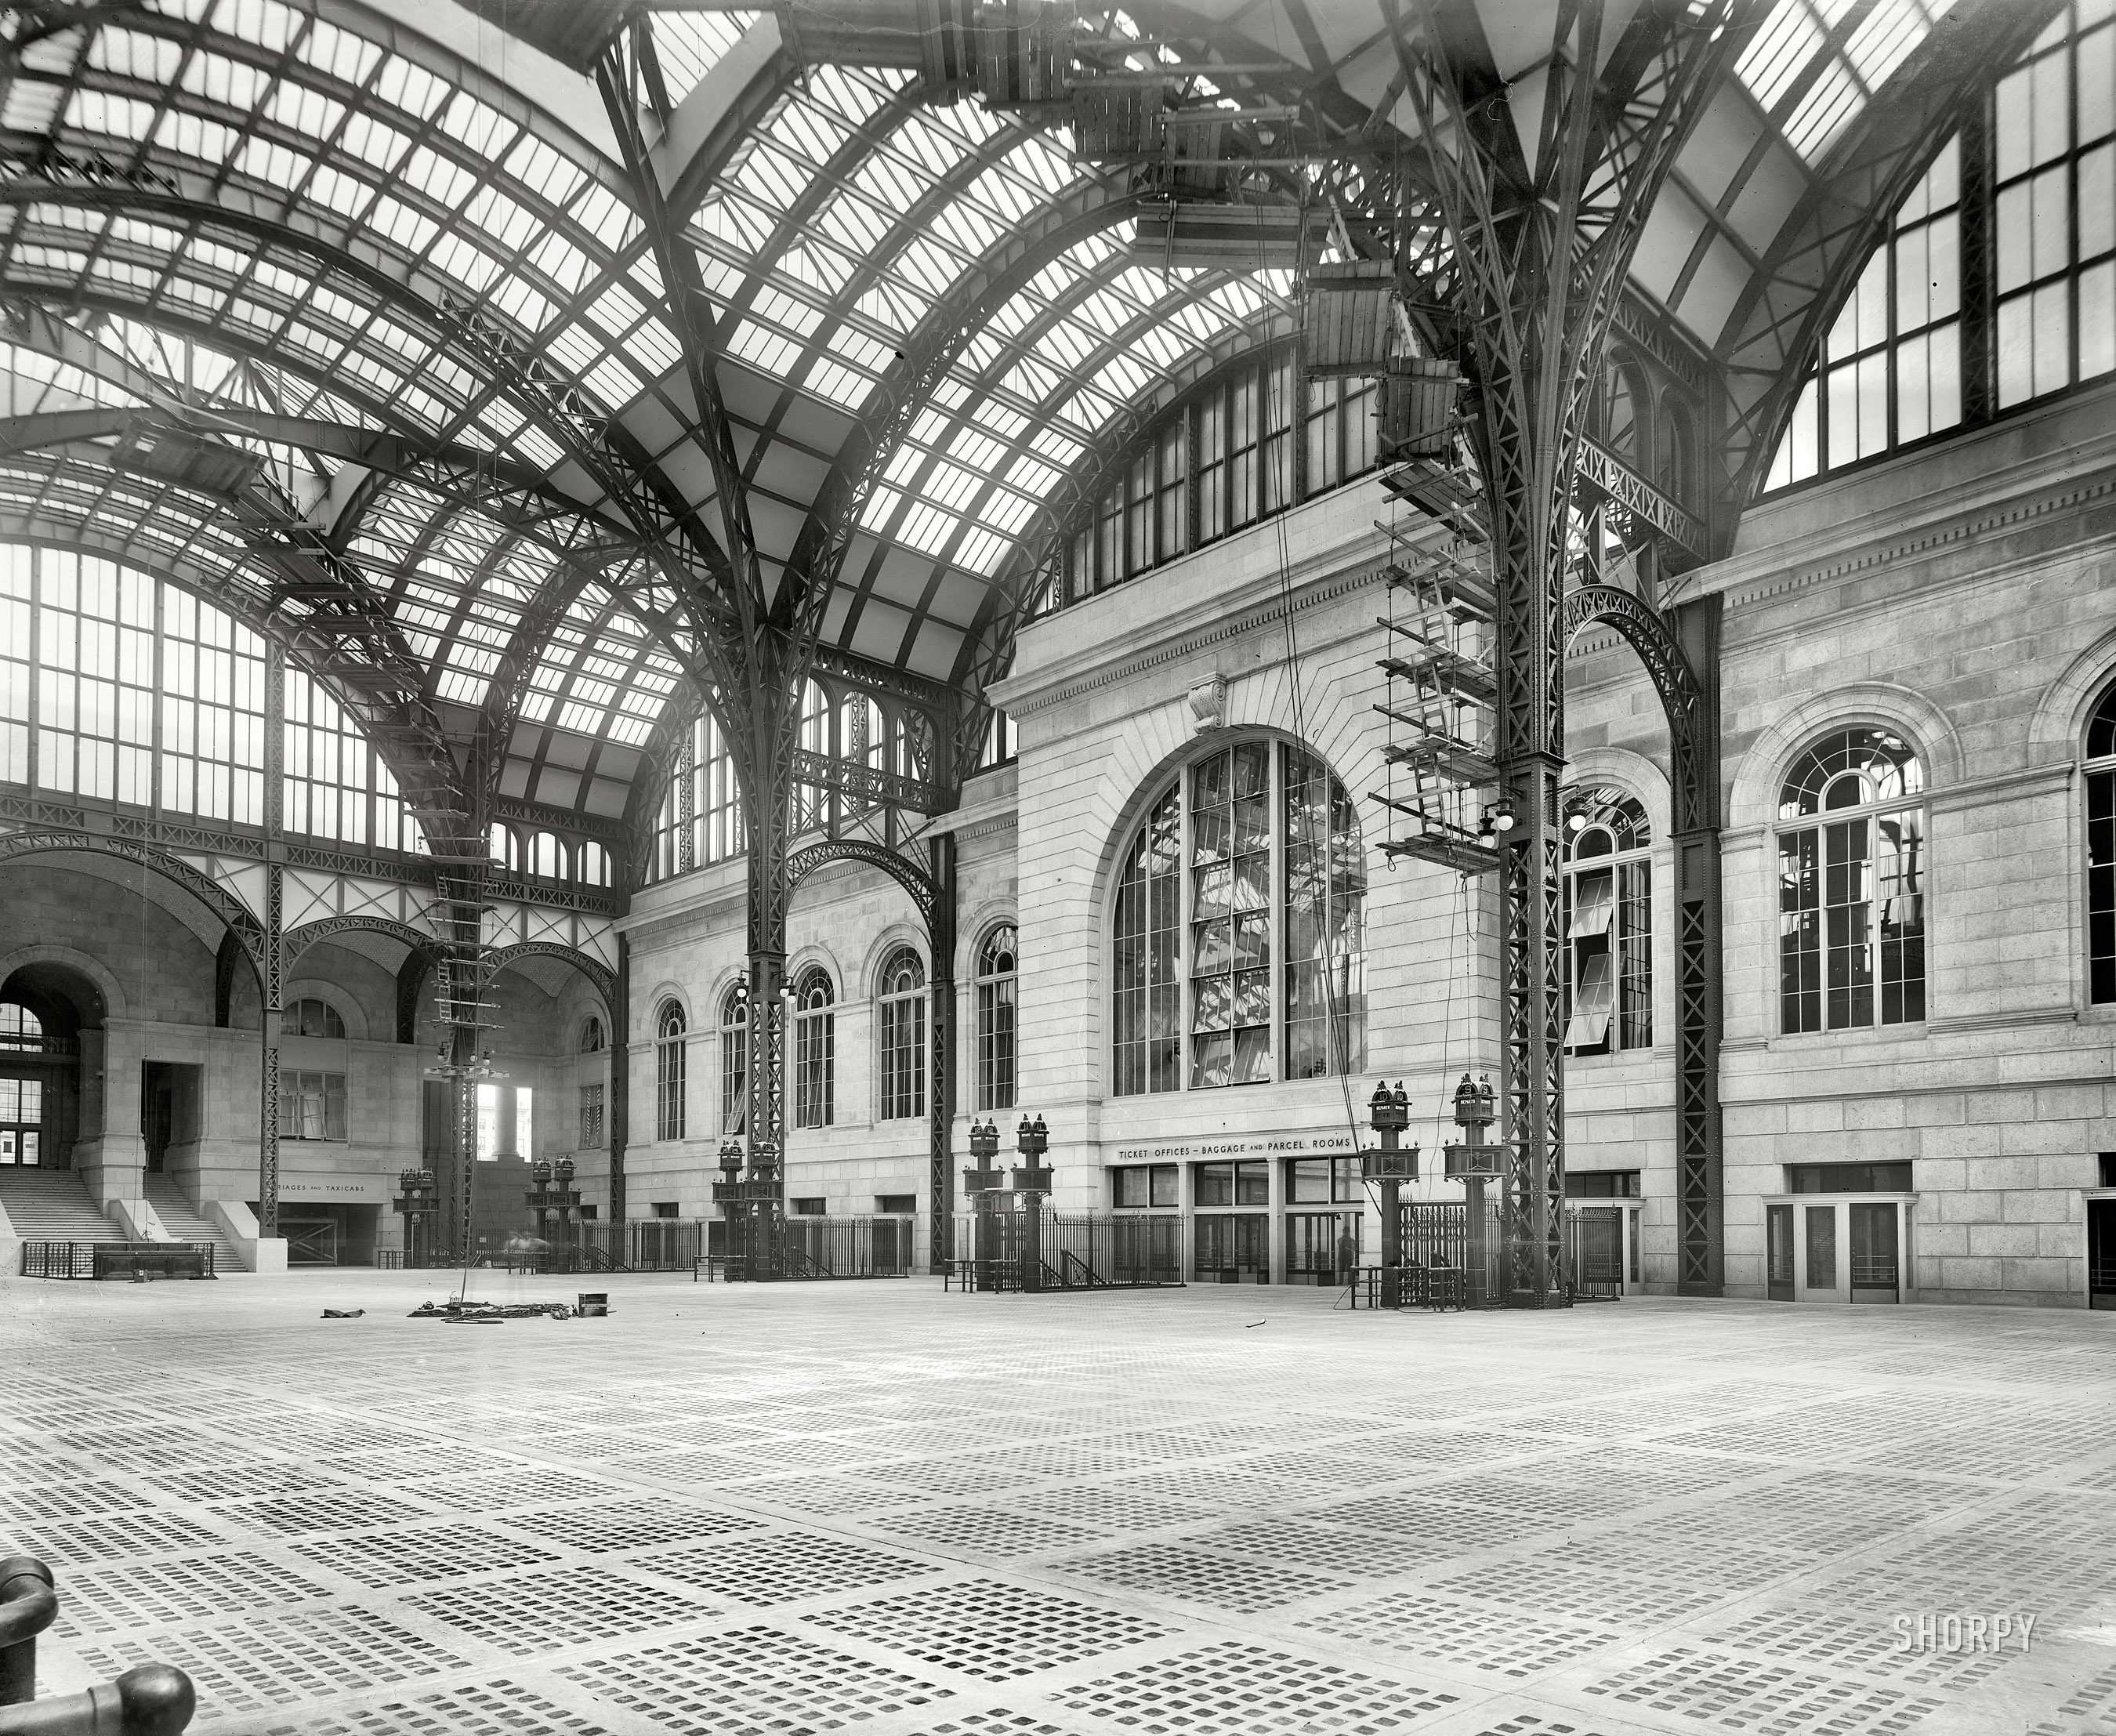 Penn Station Archives